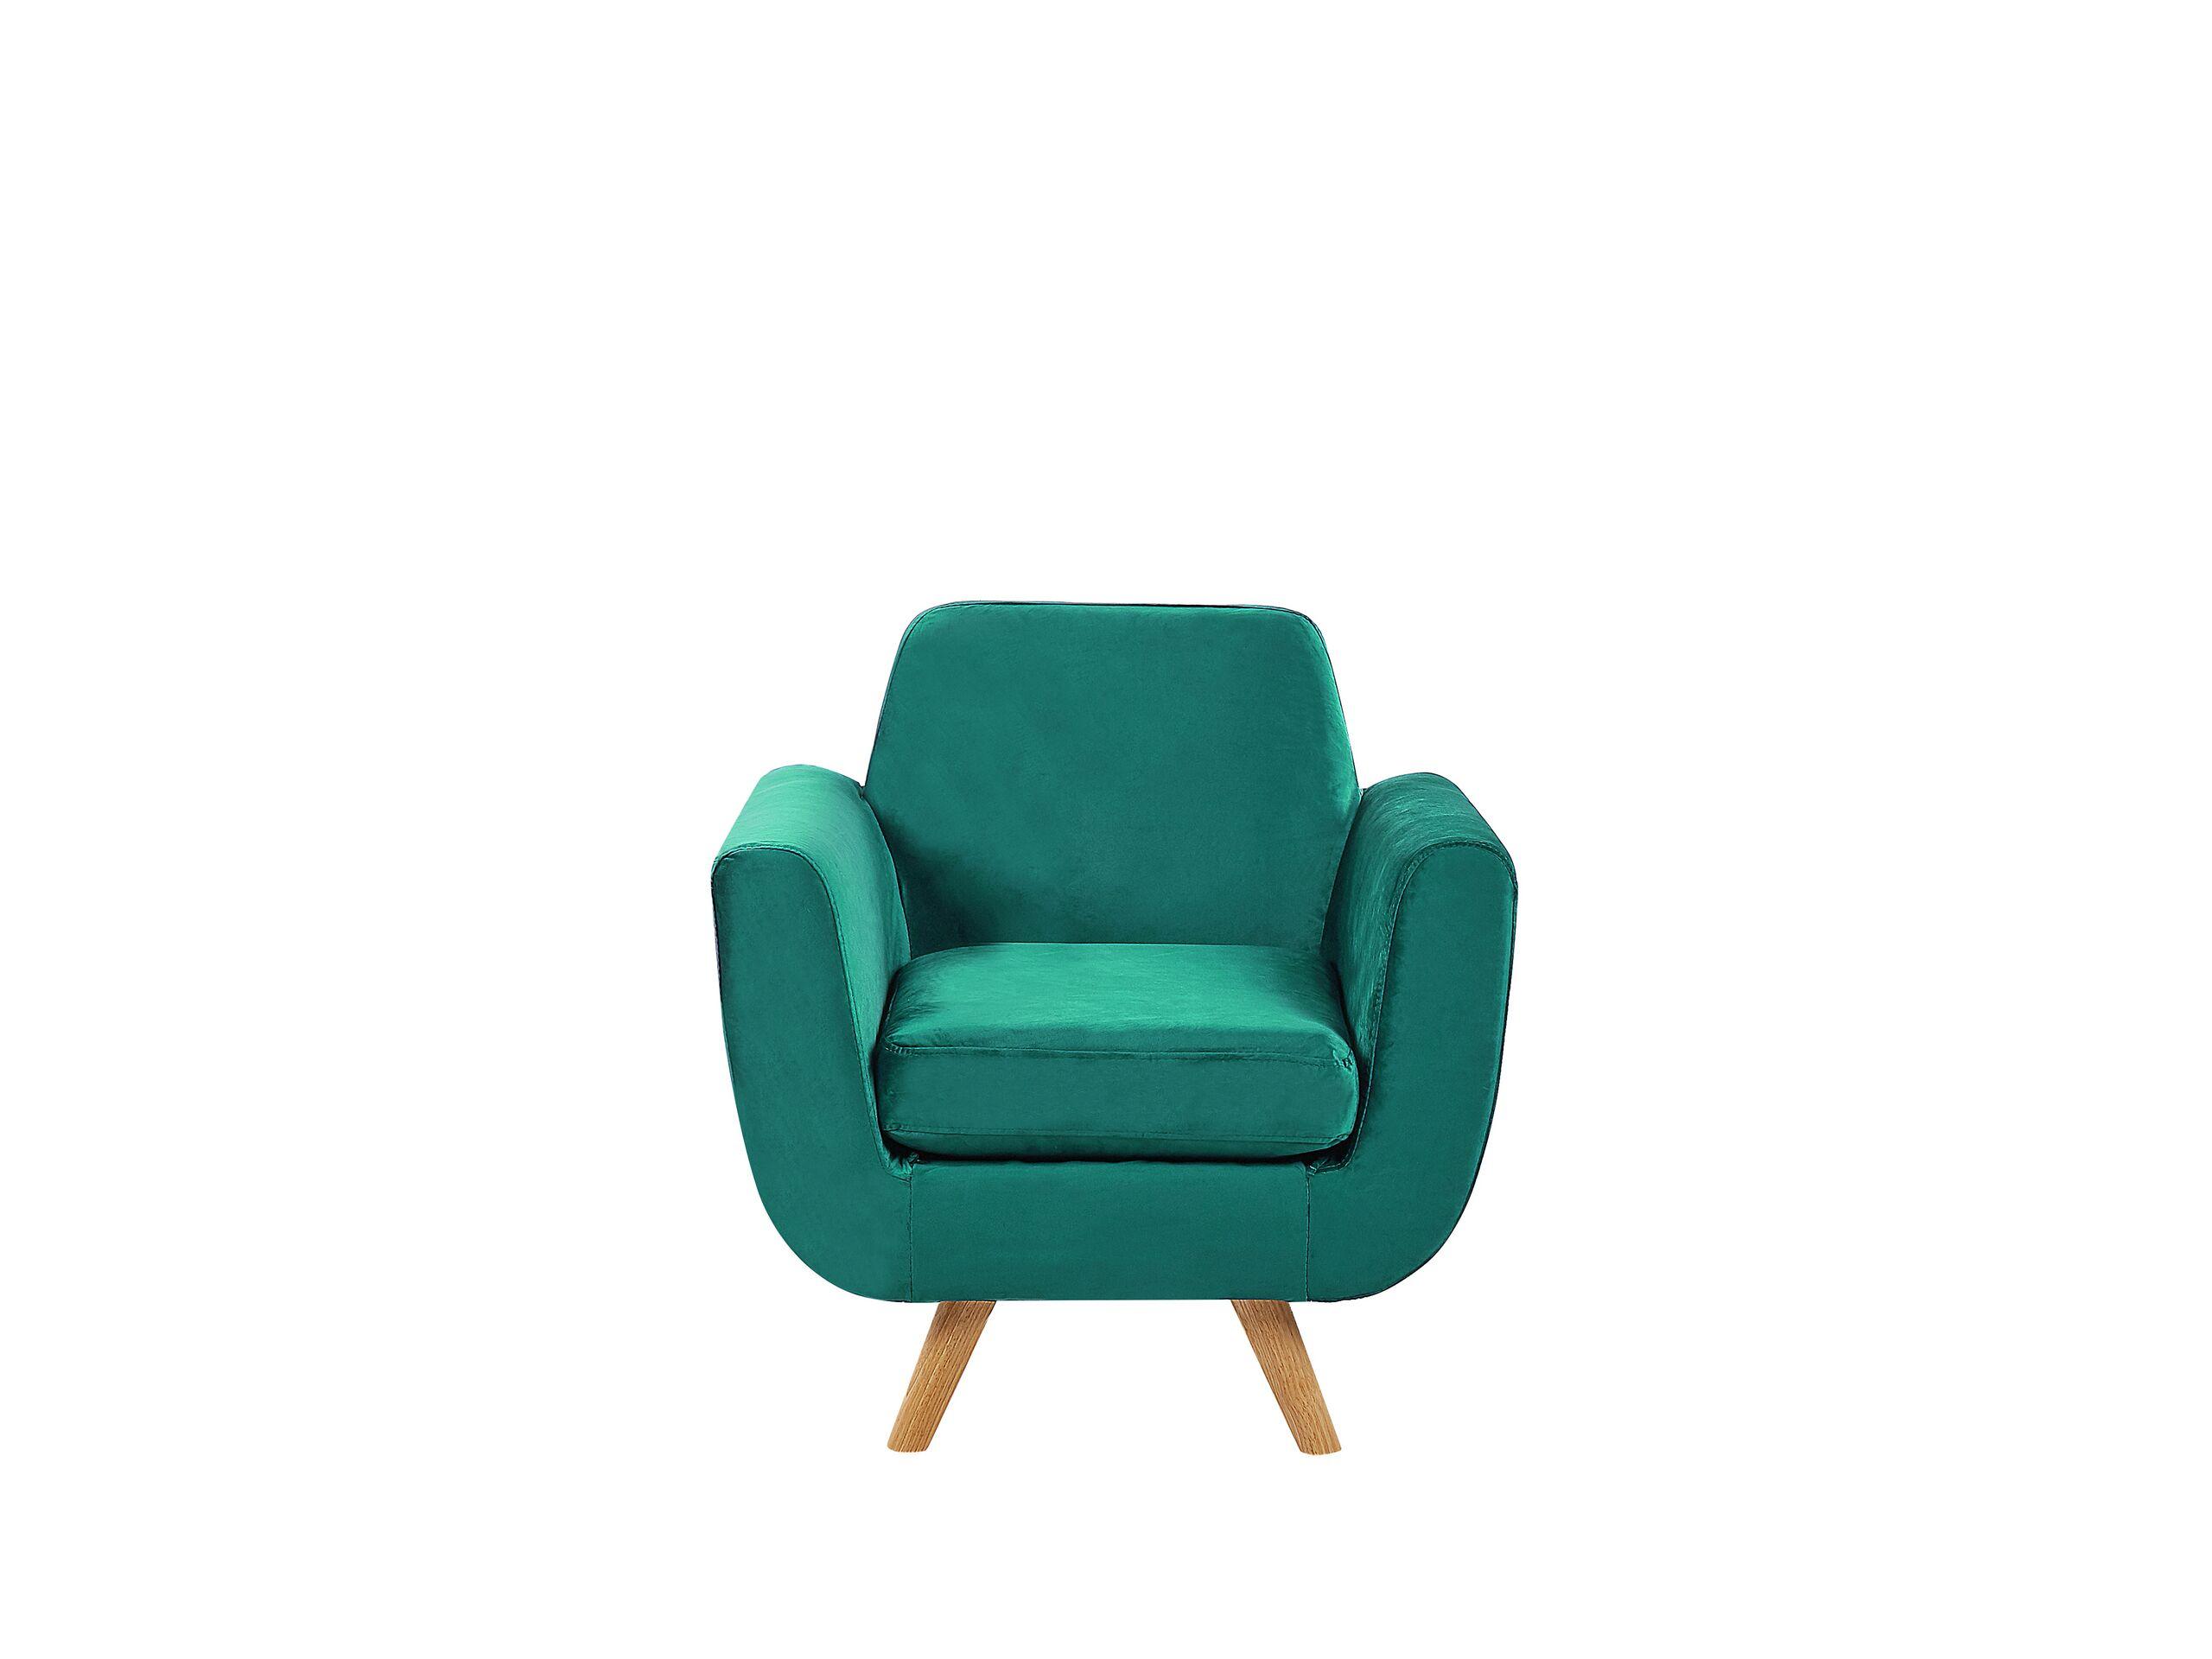 Housse en velours vert pour fauteuil